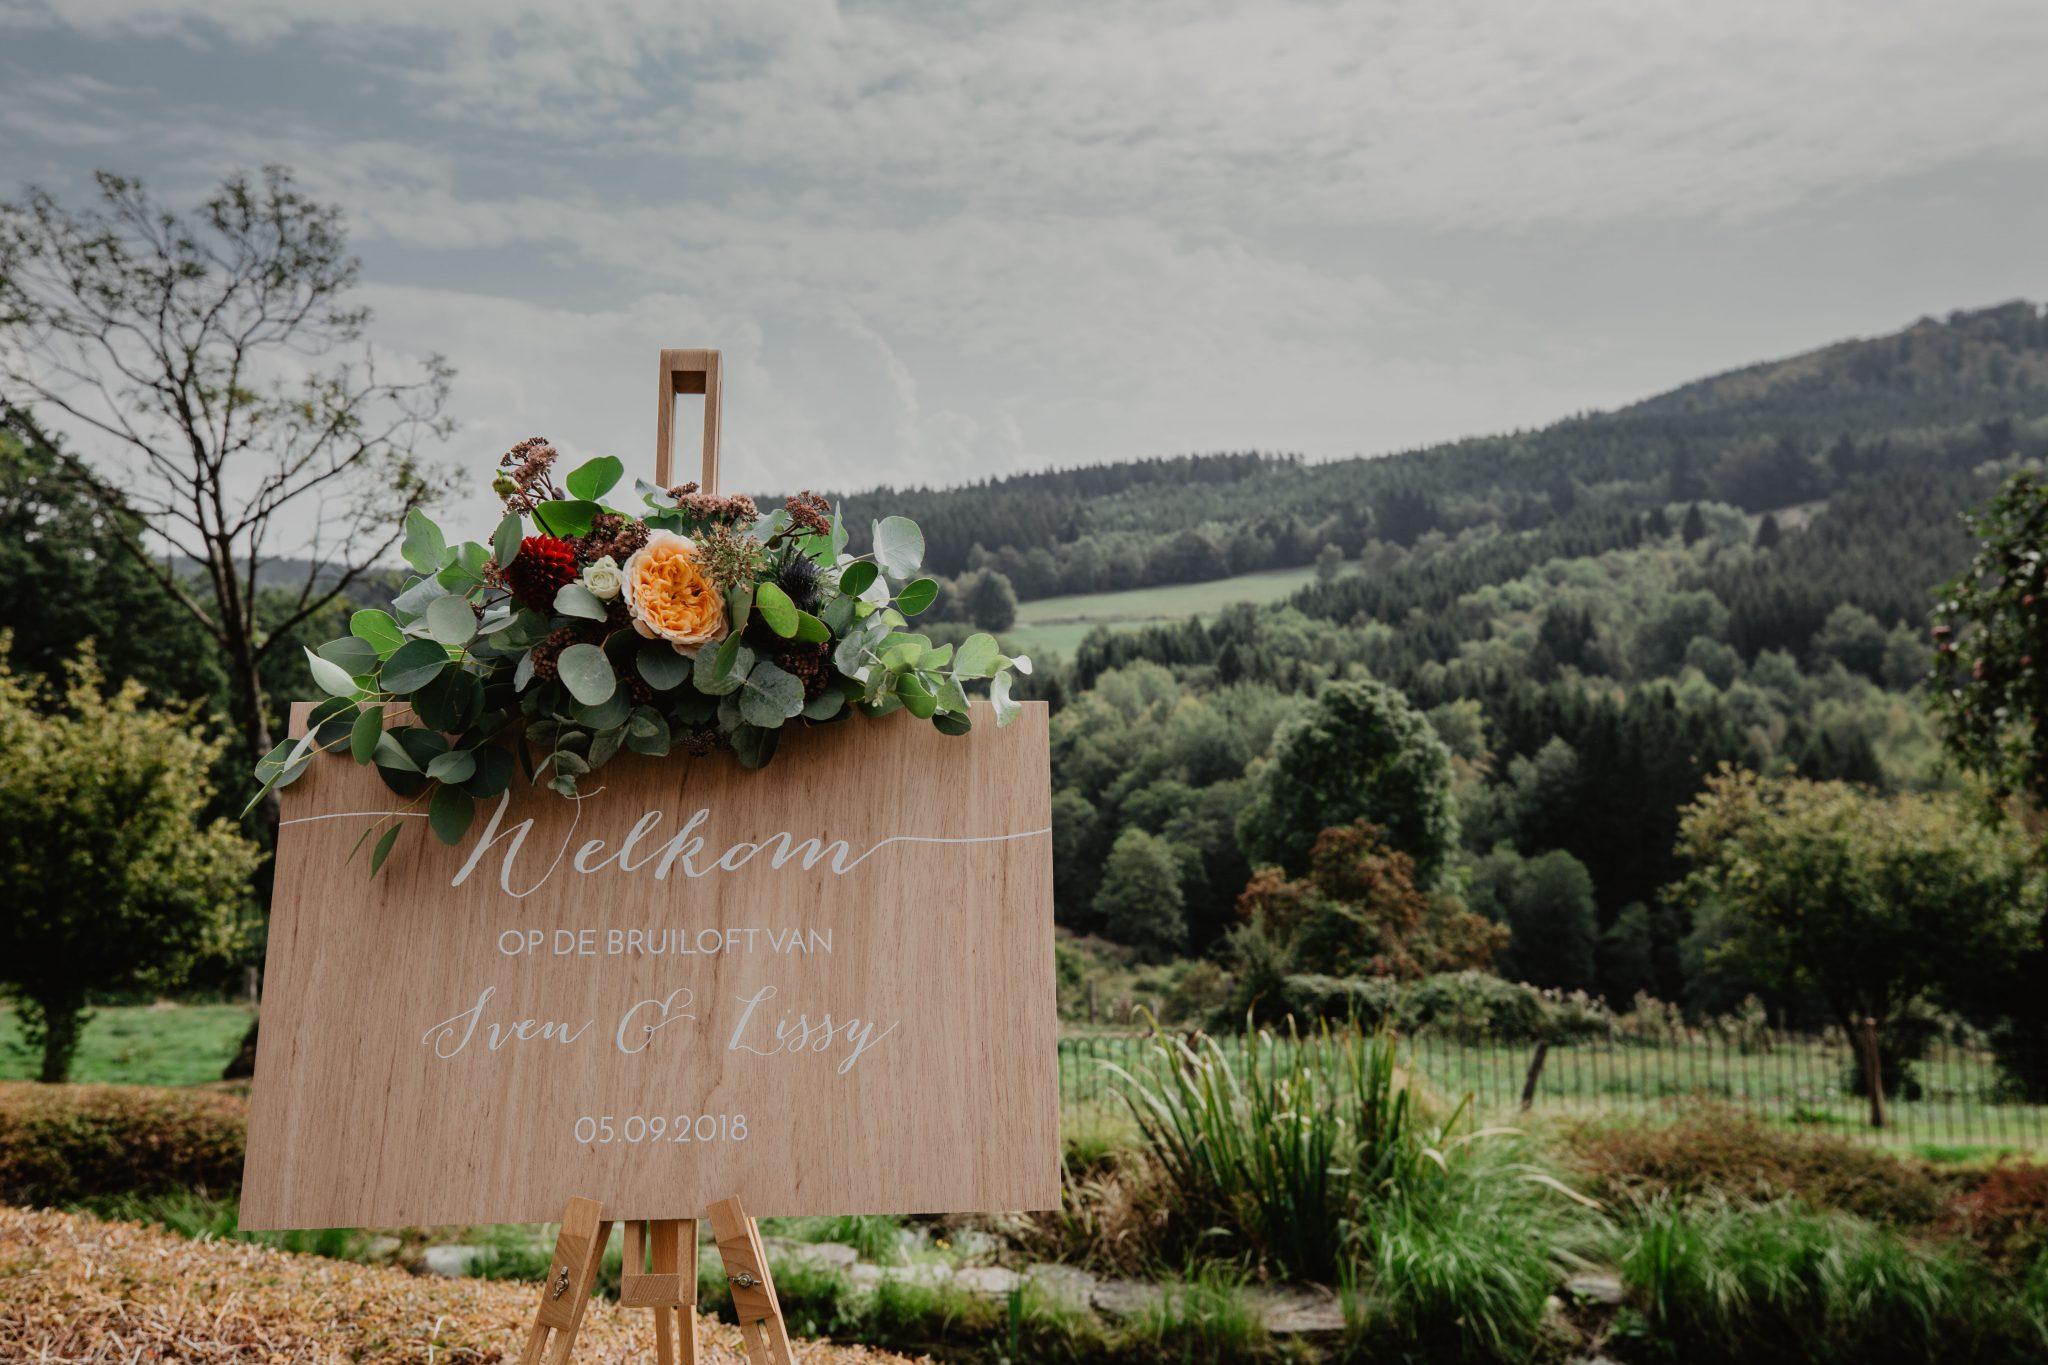 Welkom Bruiloft Trouwen Ardennen